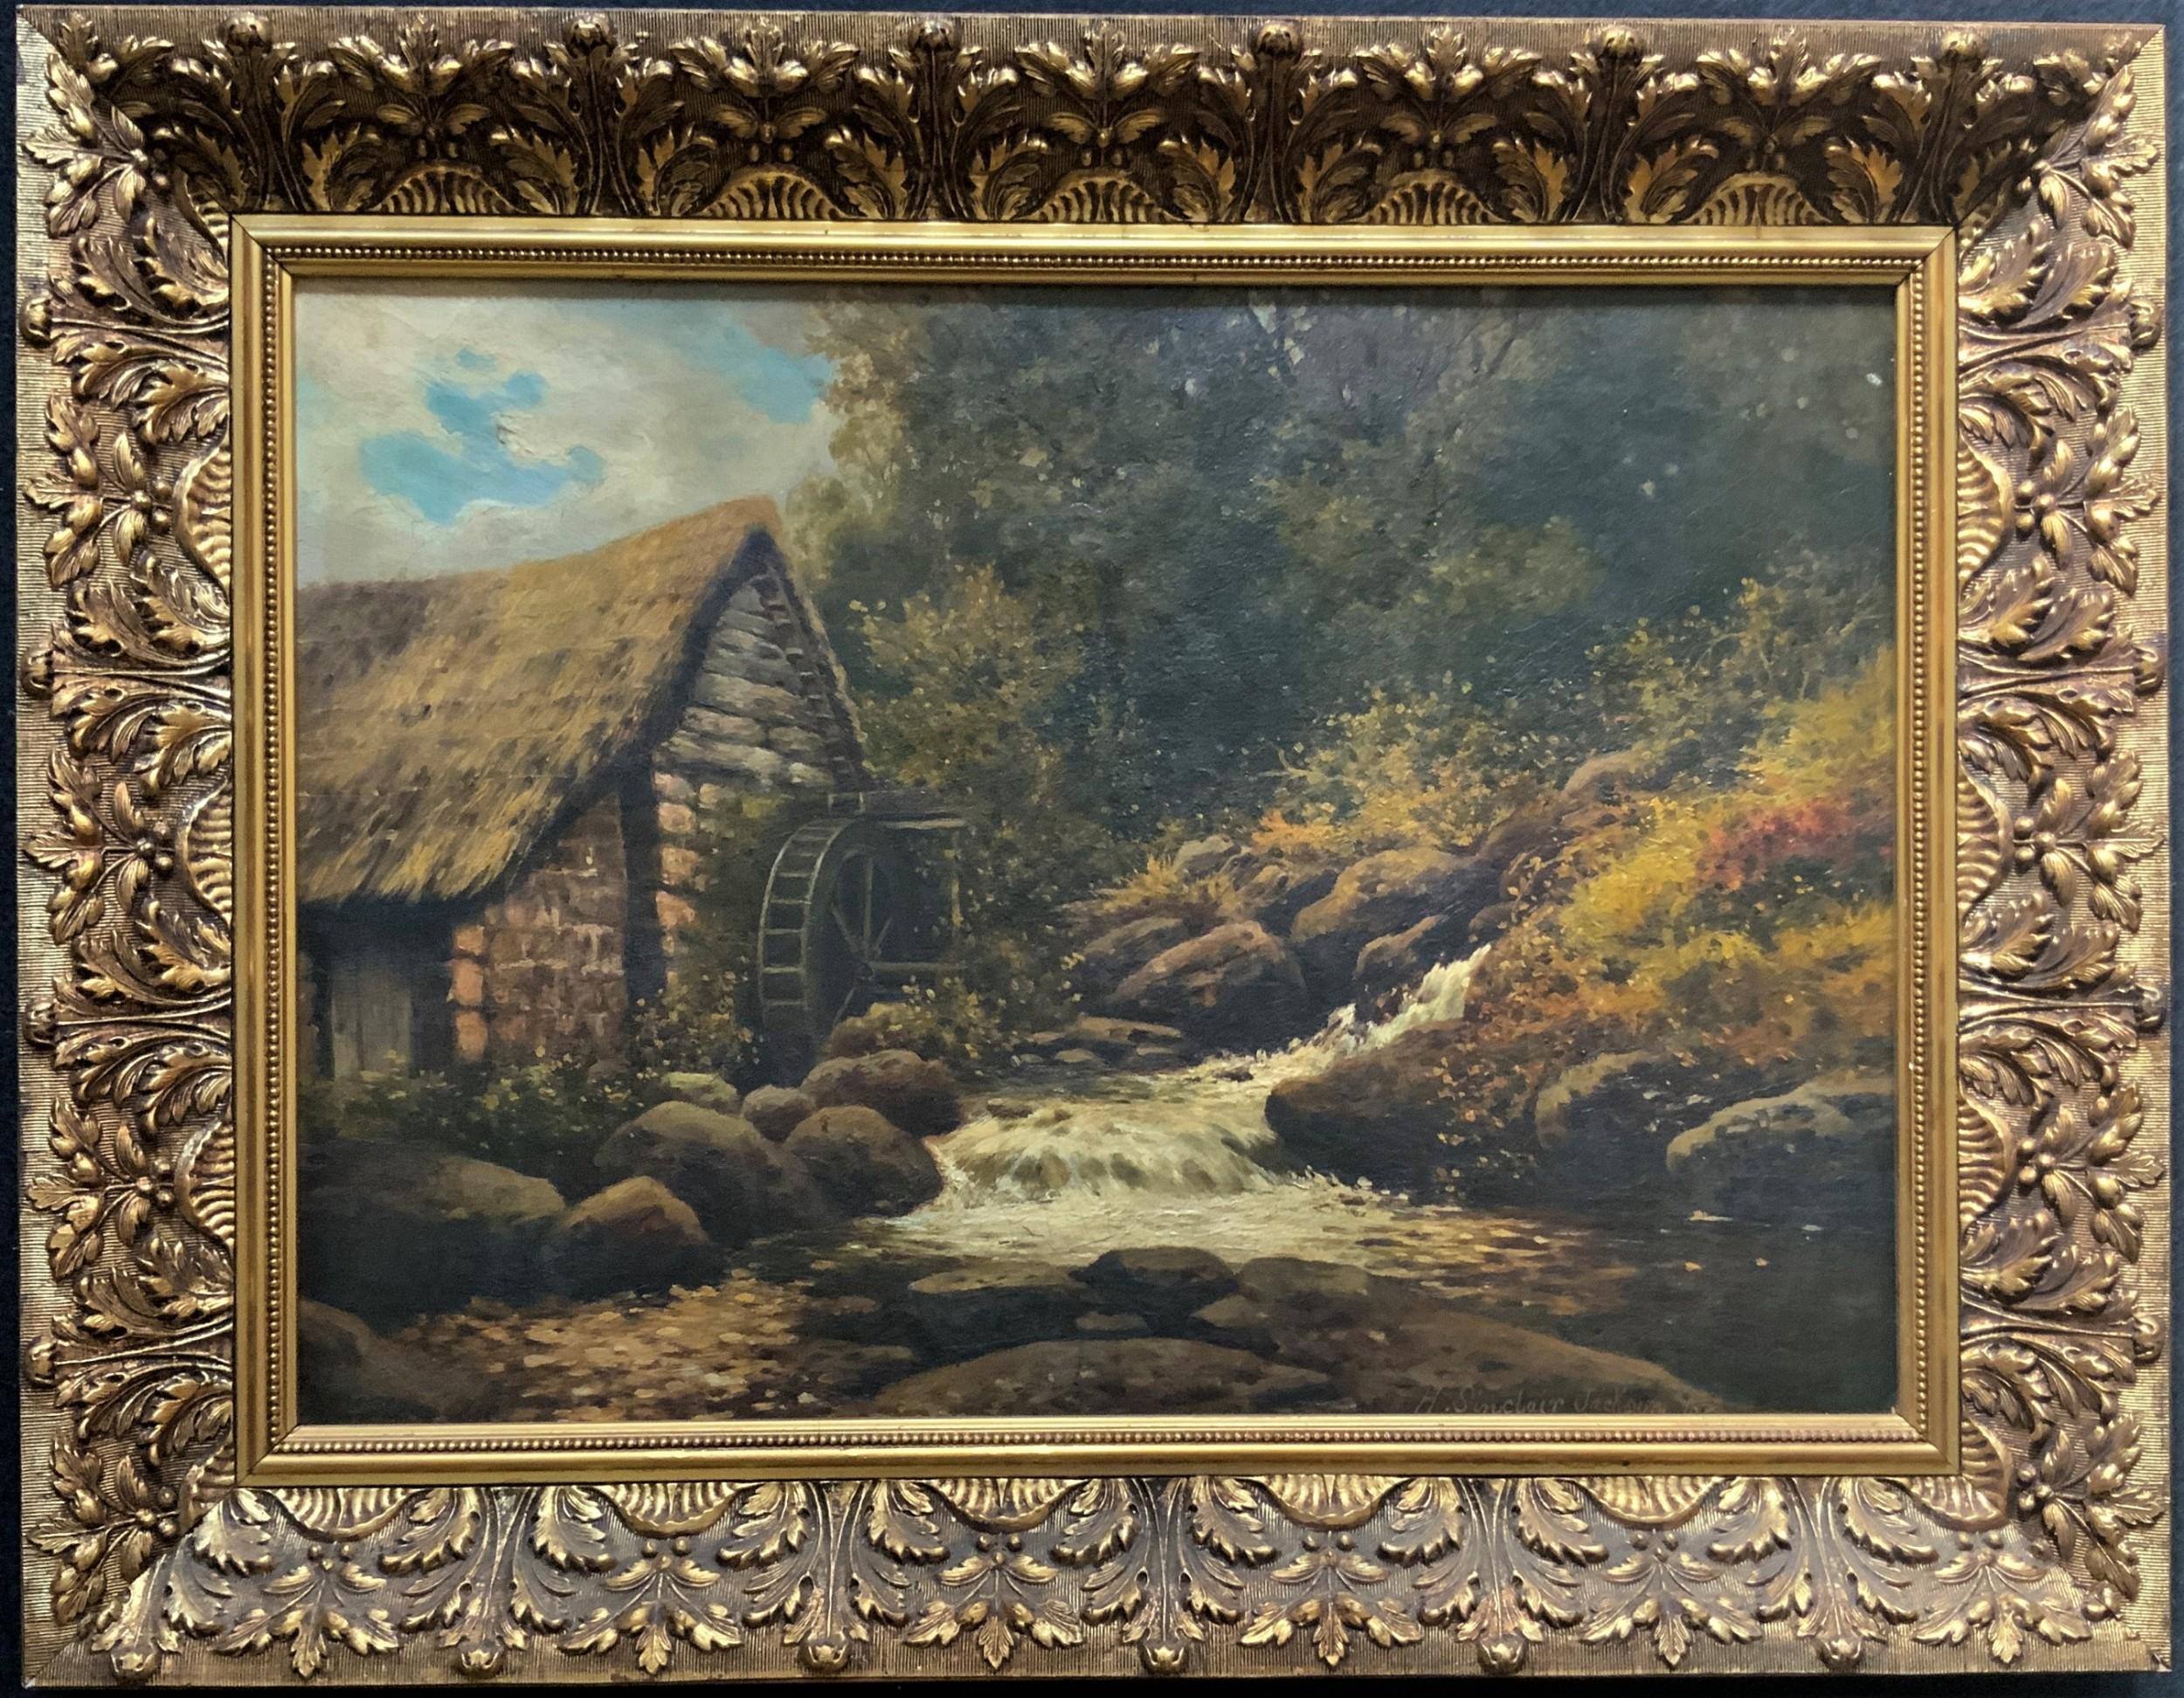 h sinclair jackson fl 18871896 superb 19thc watermill landscape oil painting